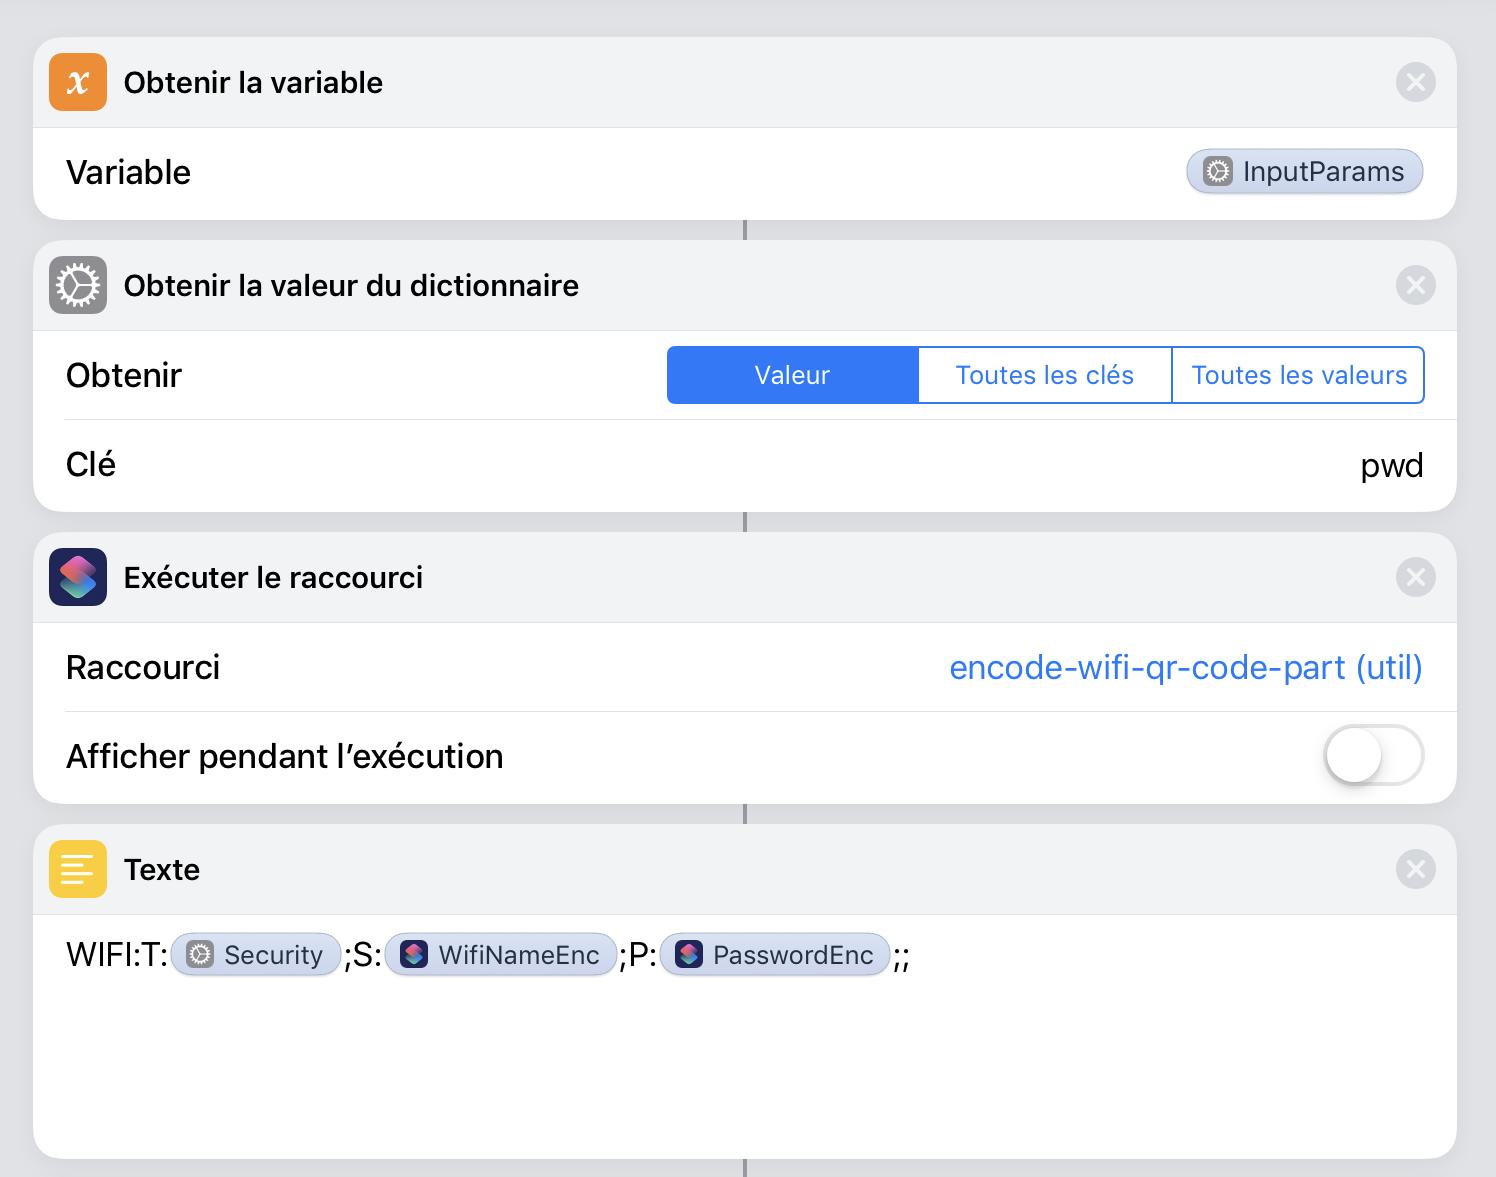 Récupération du mot de passe et construction du contenu du code QR.